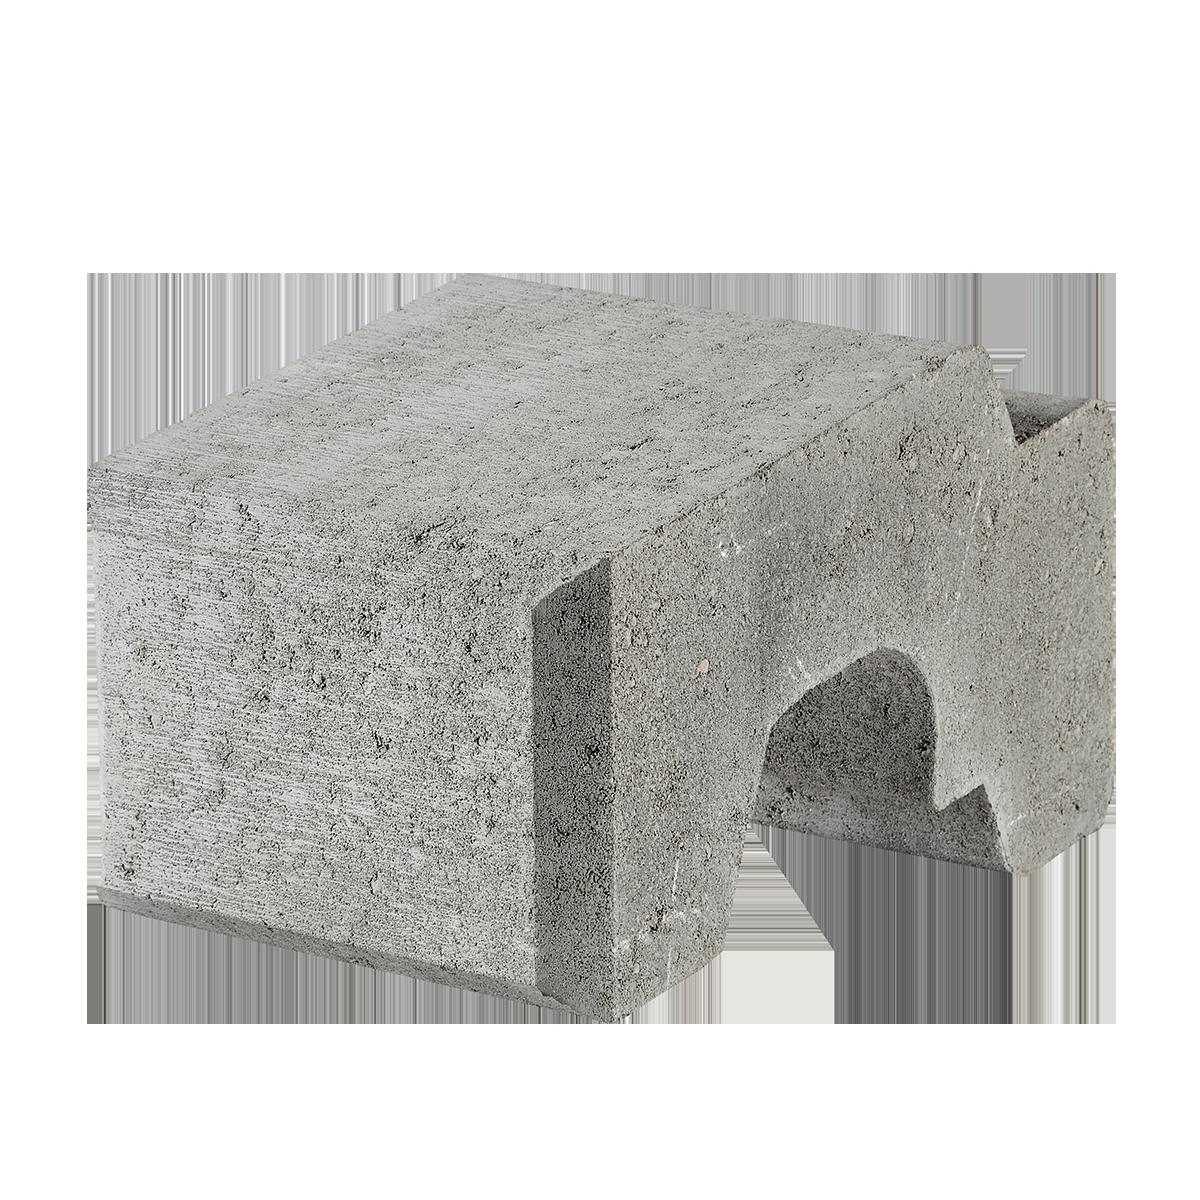 Danblokke 22,5x33x17 cm Grå Tilpasningsblok